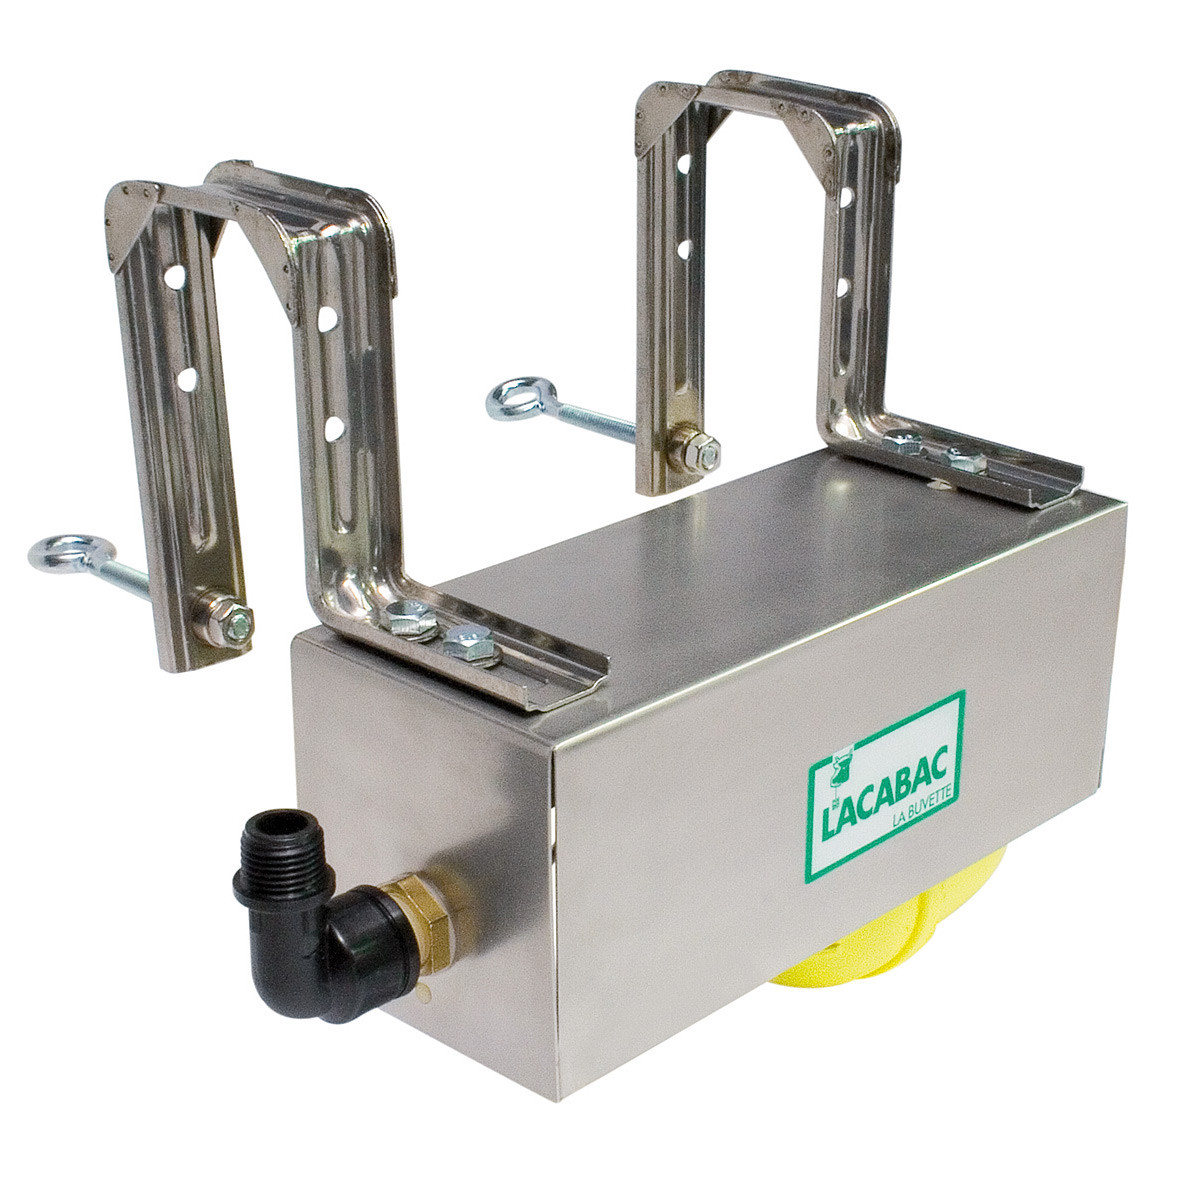 LACABAC Einbau-Schwimmerventil mit hoher Durchflussmenge